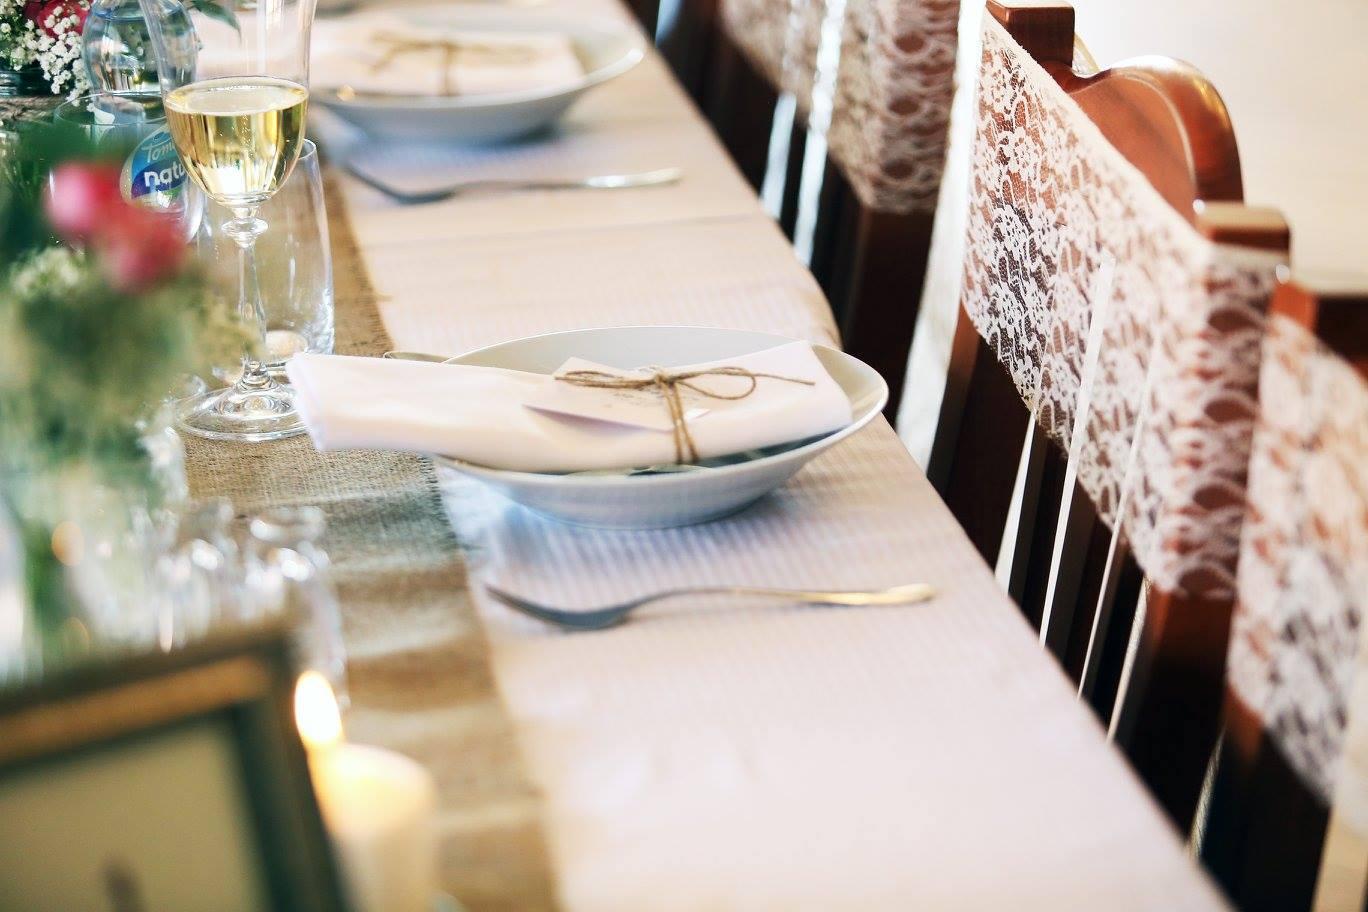 Romantická krajková mašle na židle  - Obrázek č. 1